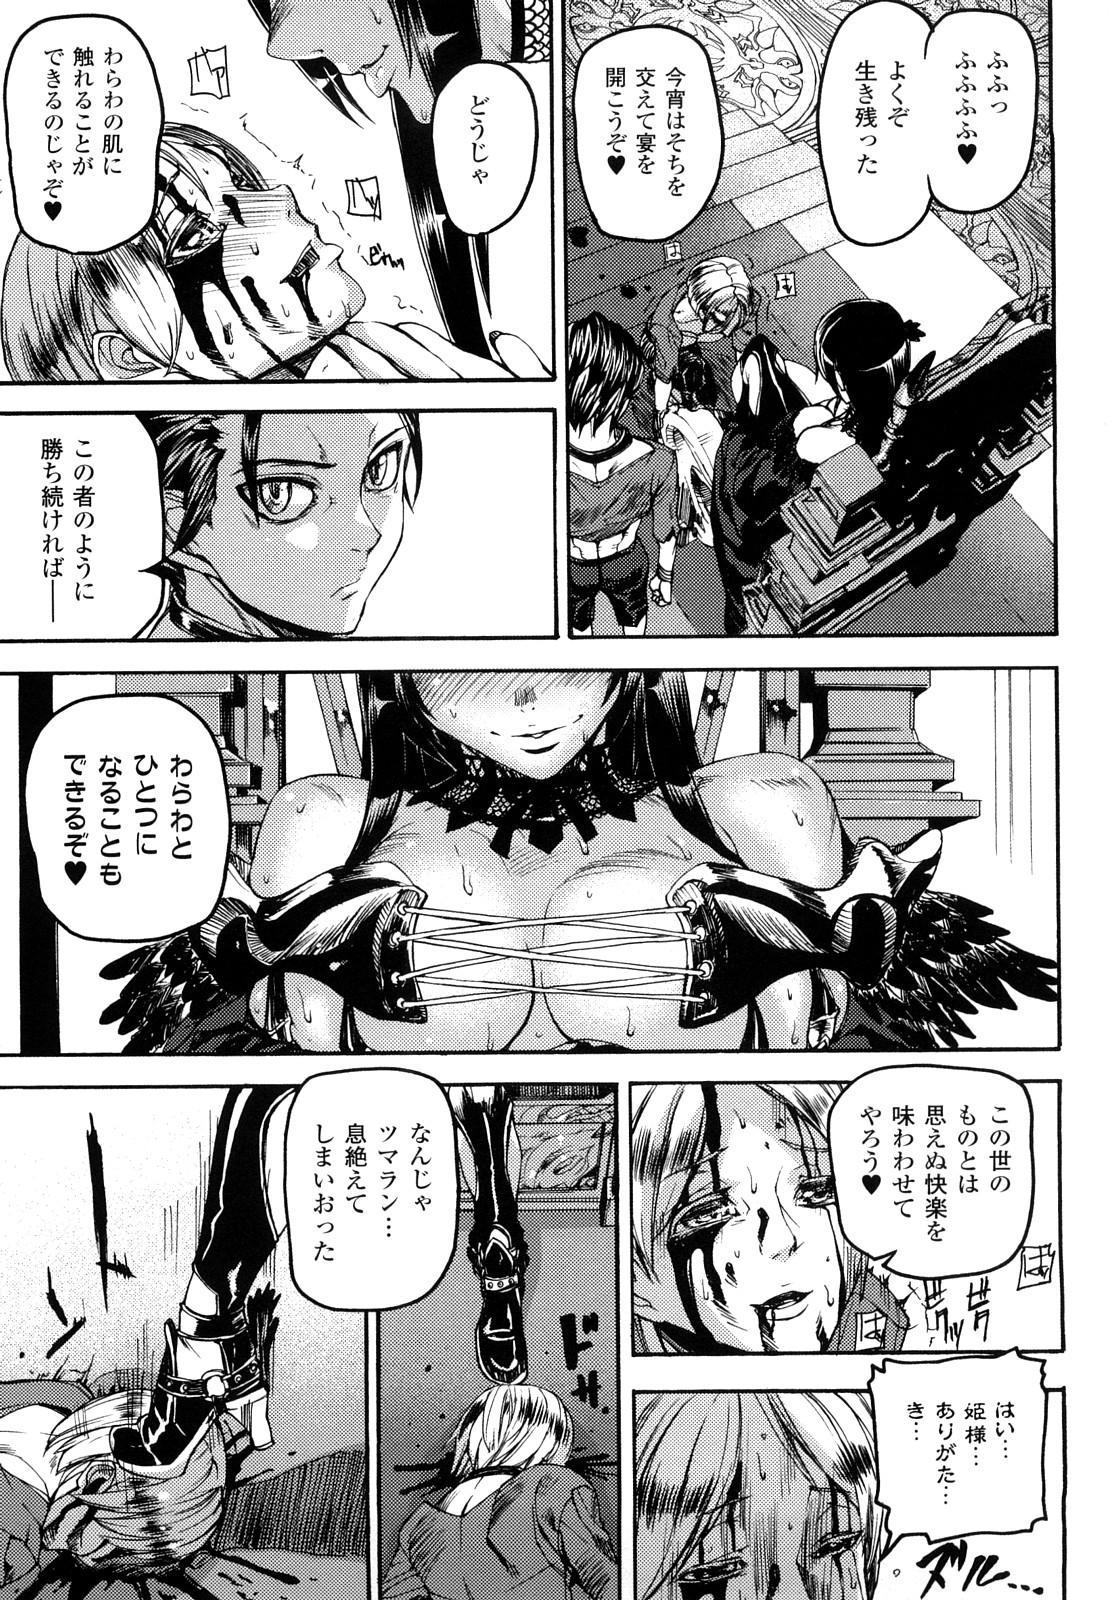 Cerberum no Hitsugi Haitoku no Hanmegami - The Coffin of Cerebrum Immoral Demivenus 81